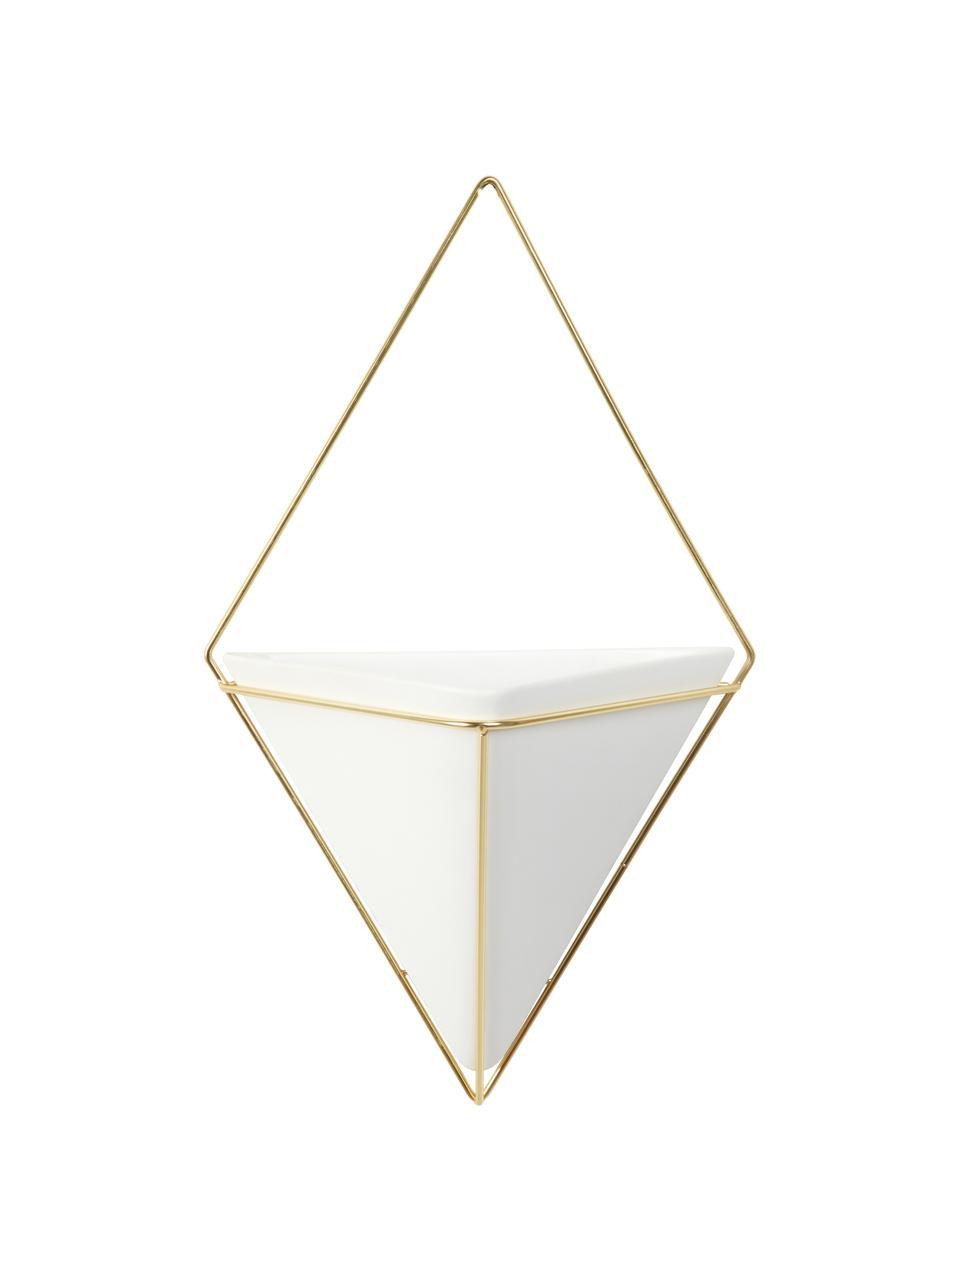 Dekoracja ścienna z pojemnikiem do przechowywania z ceramiki Trigg, Biały, mosiądz, matowy, S 23 x W 38 cm